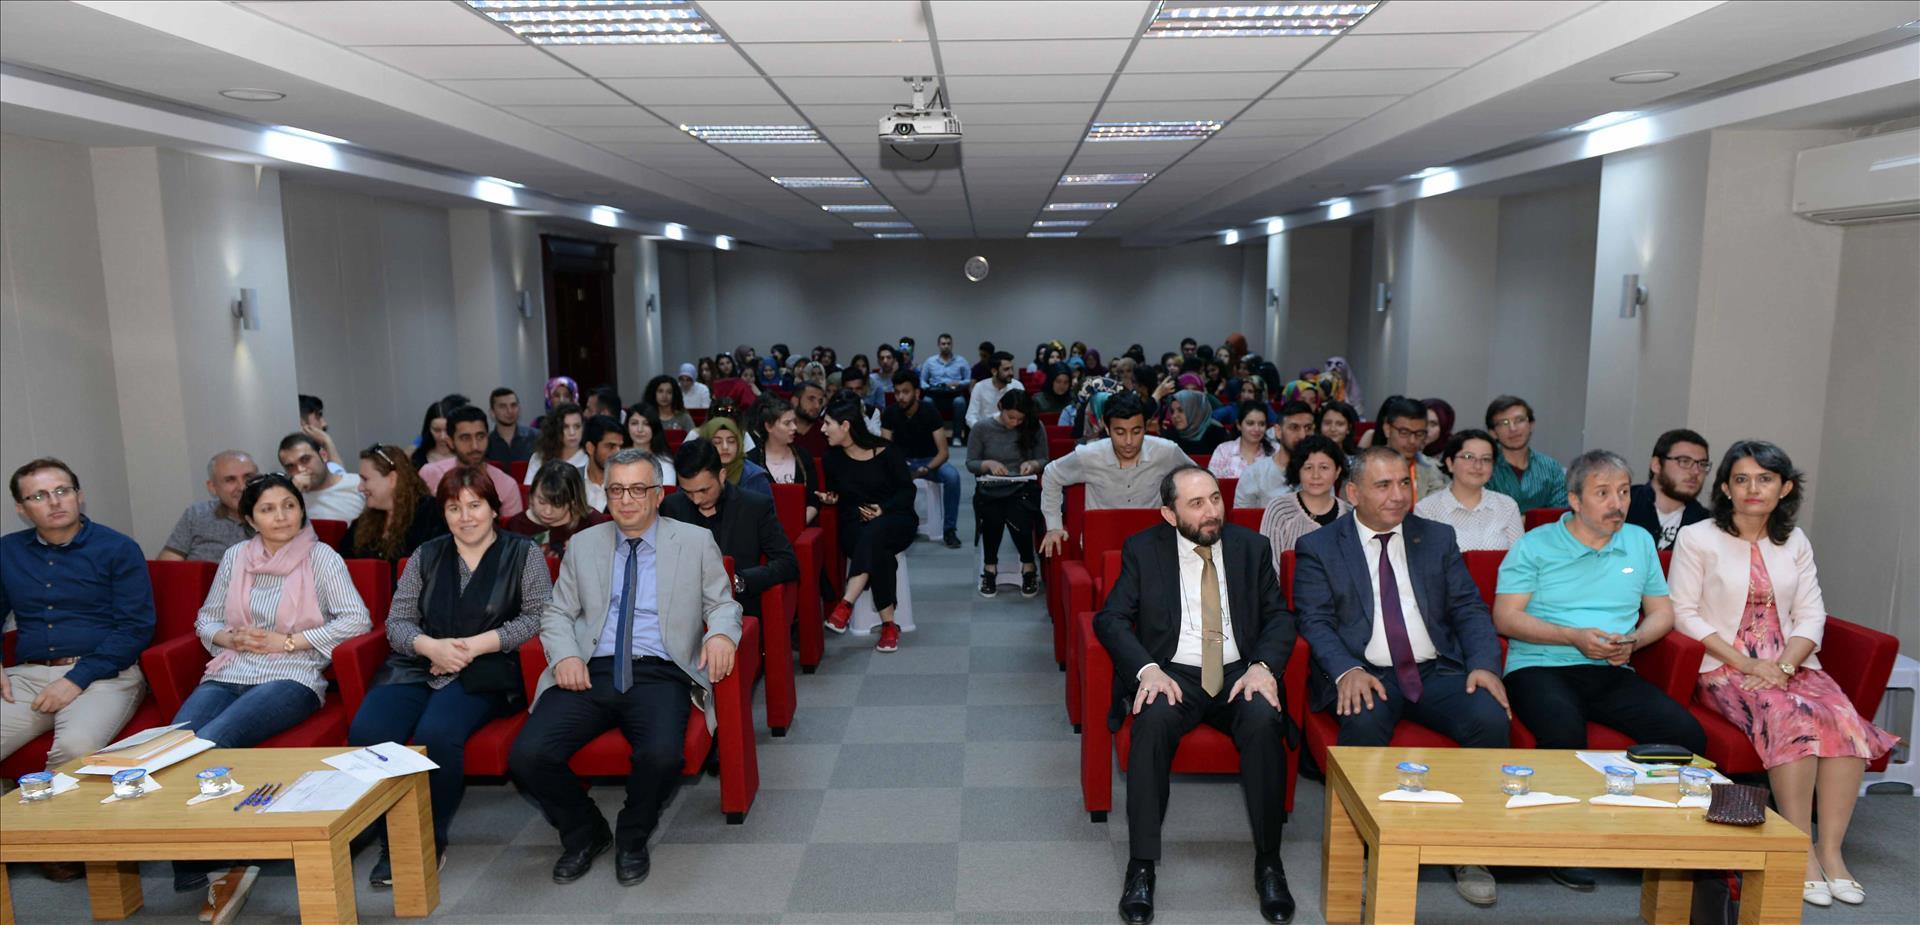 """""""Vatan Temalı Şiir Okuma Yarışması"""" Finali ile """"Gelenek ve Modernlik Bağlamında Sezai Karakoç"""" Konulu Konferans Gerçekleştirildi"""